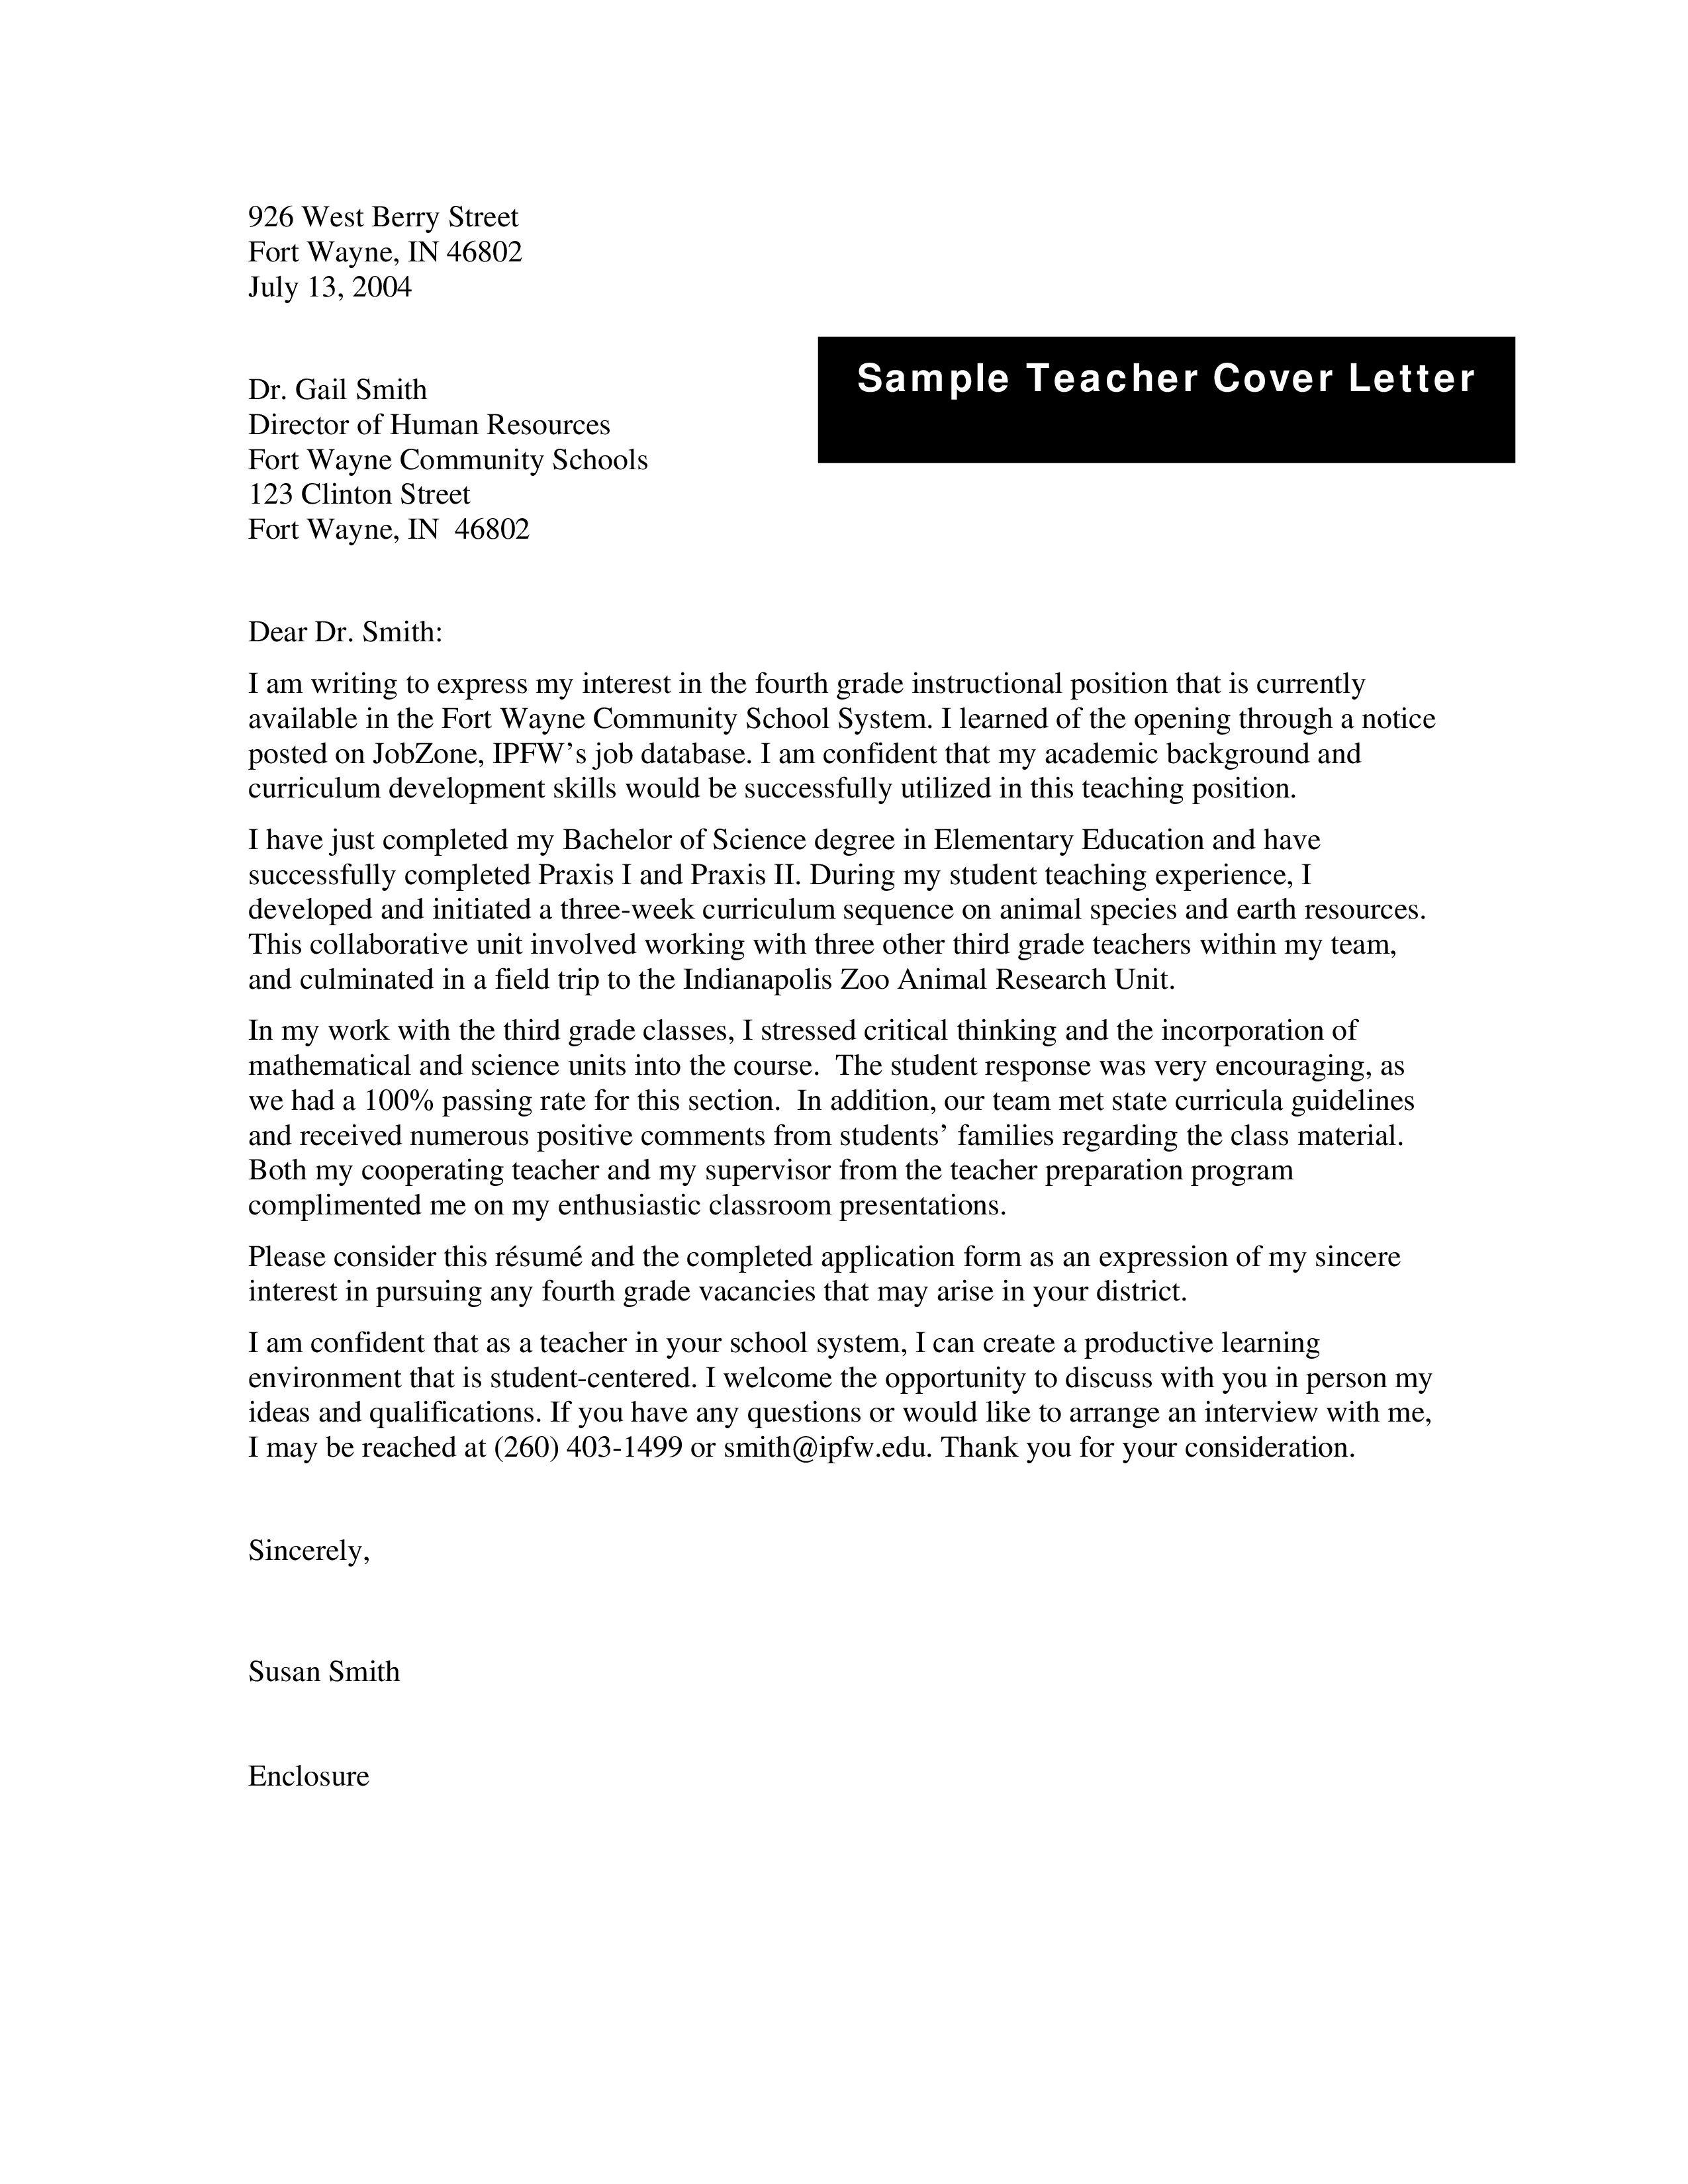 001 Simple Teacher Cover Letter Template High Def  Teaching JobFull